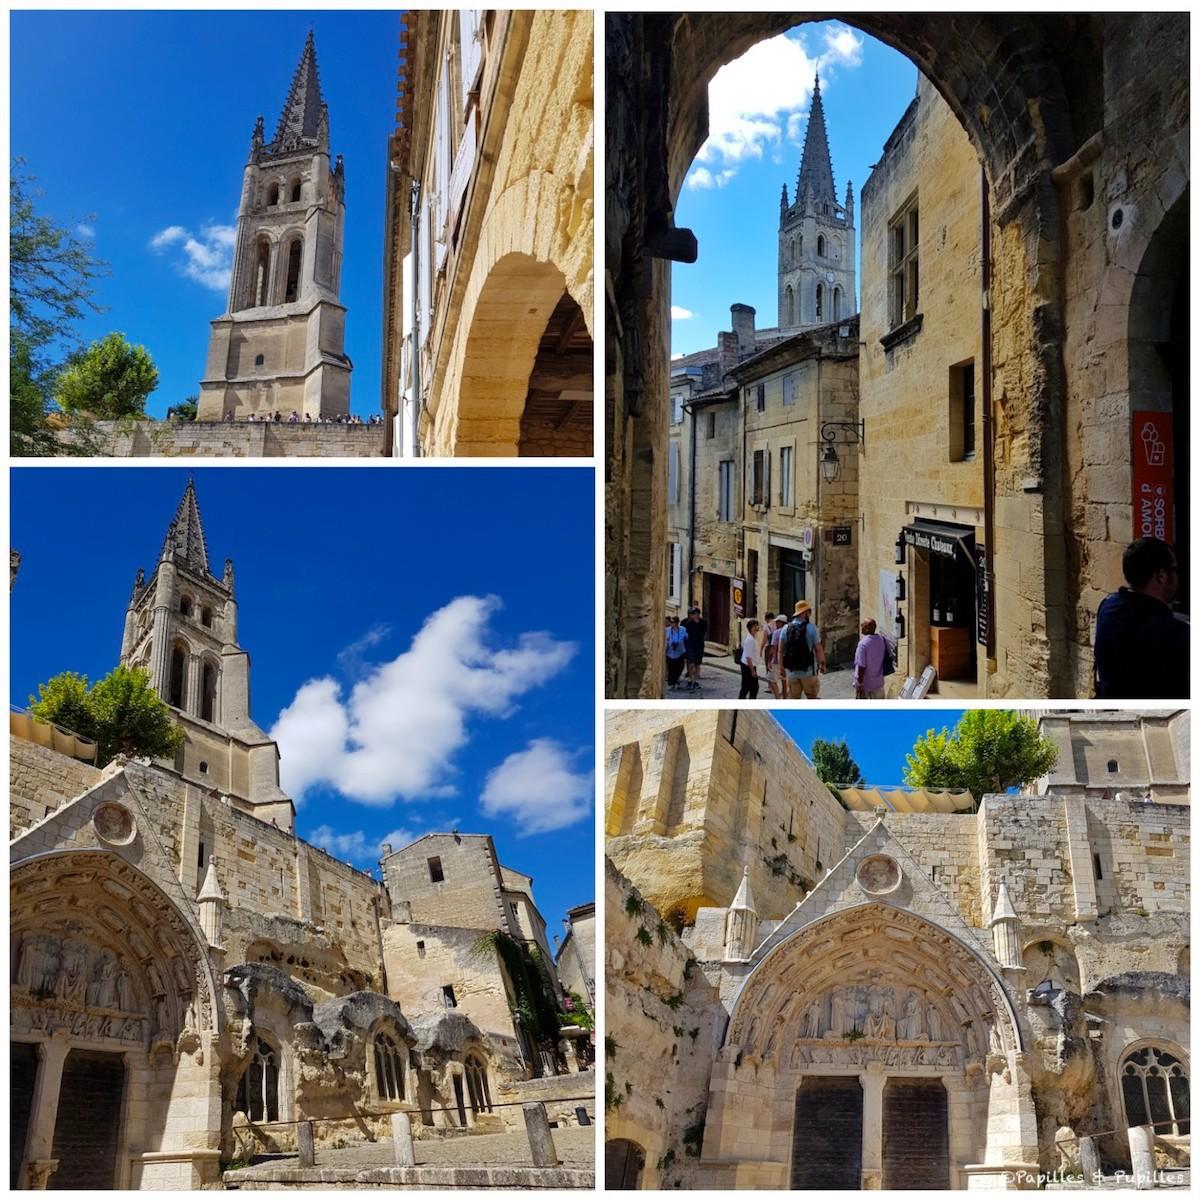 Eglise - Saint Emilion